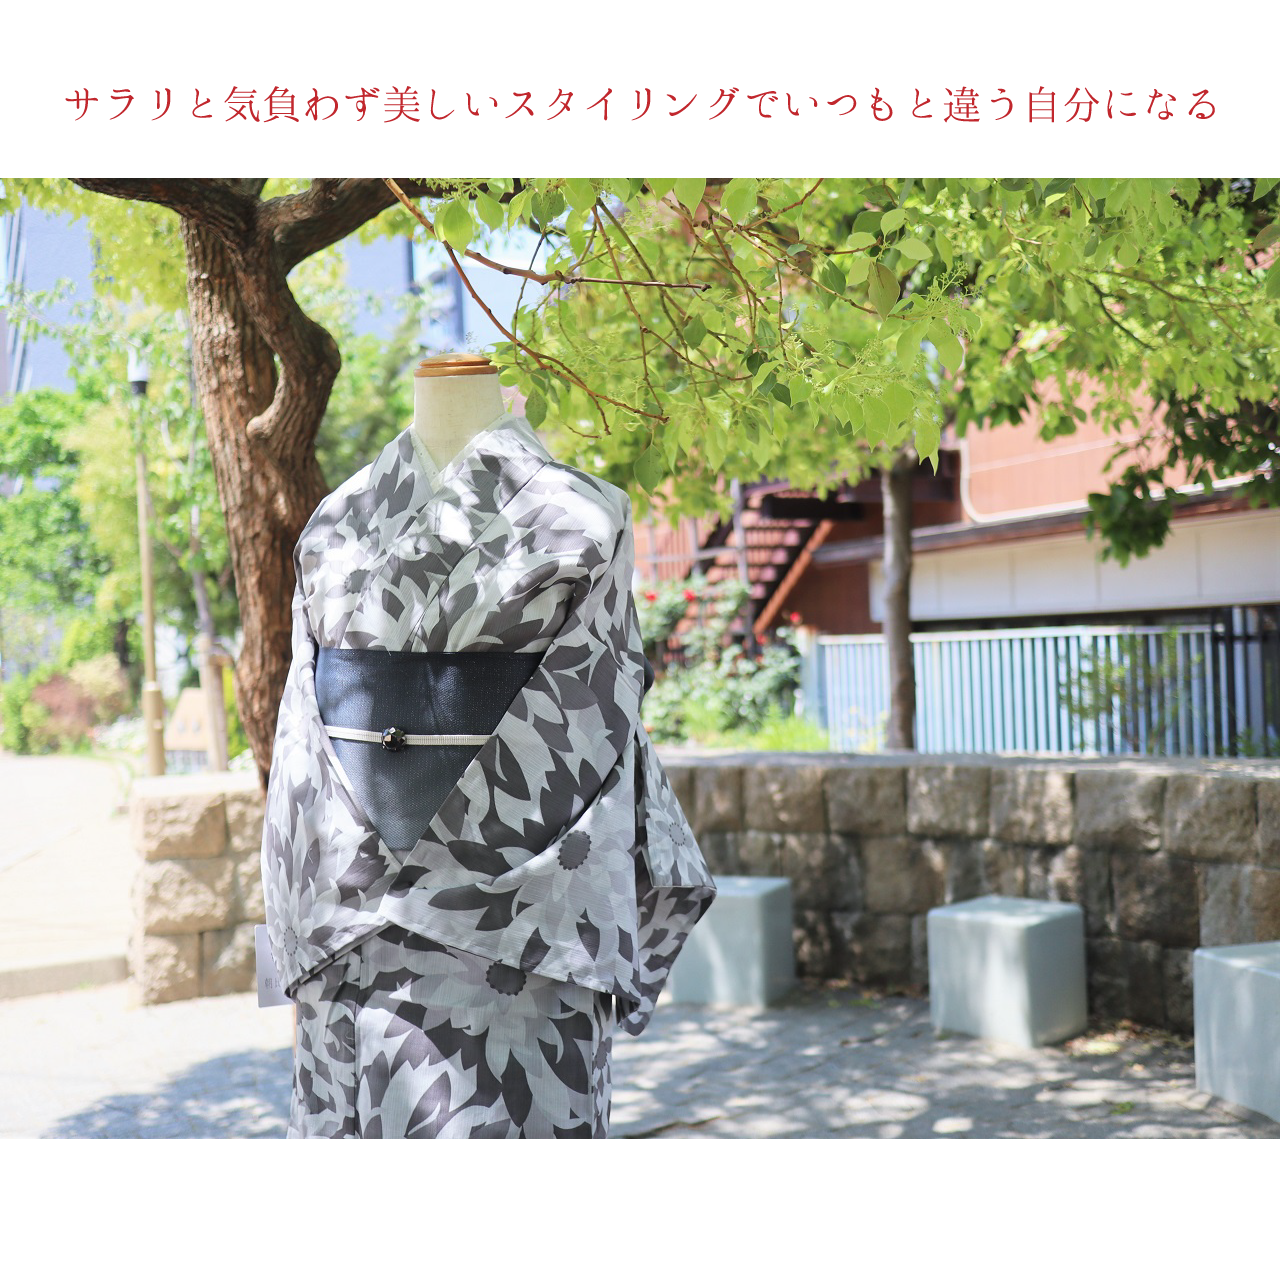 【浴衣】すぐ着られるお仕立て上がり むじな菊 モノトーンカラー